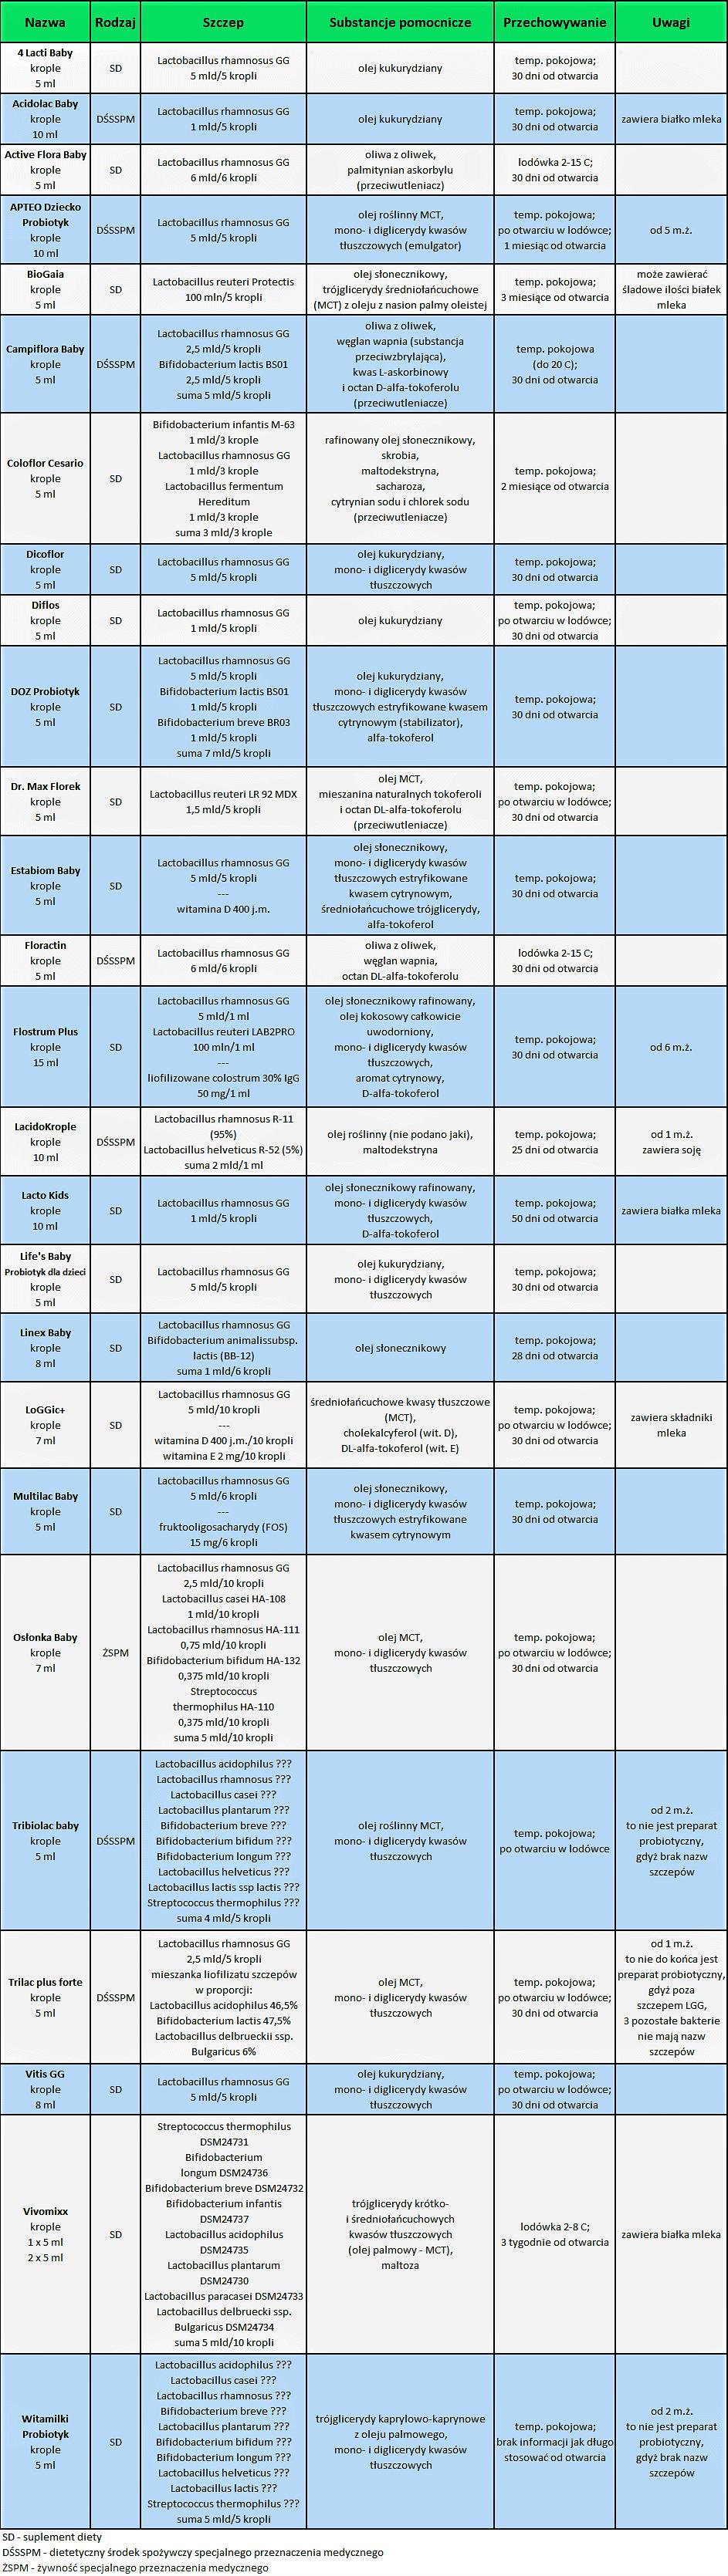 Probiotyki wkroplach dla dzieci, Dicoflor, LGG, Floractin, tabela Matka Aptekarka